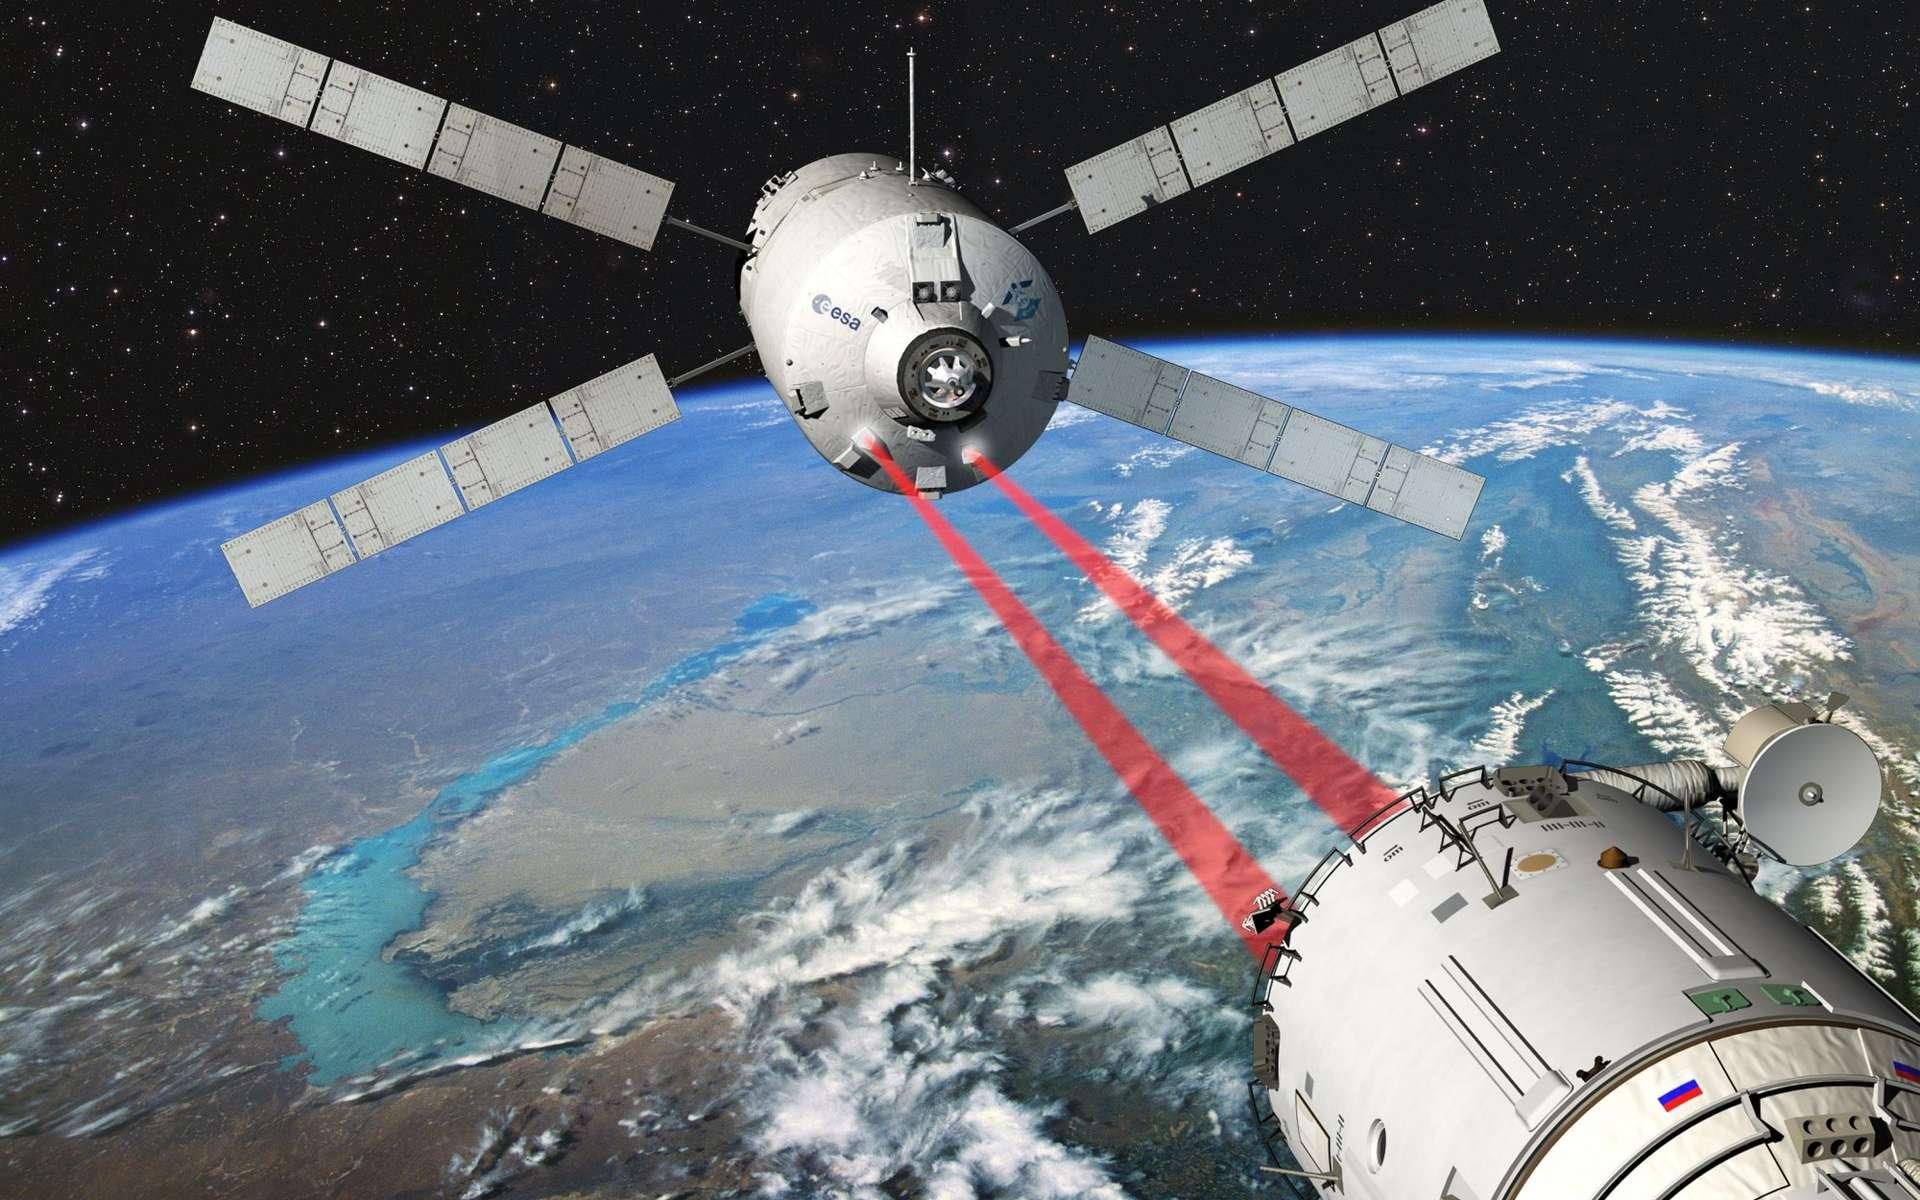 Une vue d'artiste de l'approche de l'ATV vers le module russe Zvezda de l'ISS. Elle montre deux faisceaux laser qui servent à contrôler le positionnement et la distance par rapport à la Station. Le système comprend en fait deux vidéomètres qui, dans les 300 derniers mètres, reconnaissent des réflecteurs installés sur l'ISS, et deux télégoniomètres, qui envoient des pulsations laser sur ces mêmes réflecteurs, et déterminent la distance et donnent une deuxième mesure de la direction de la trajectoire. © Esa/Ducros-2010